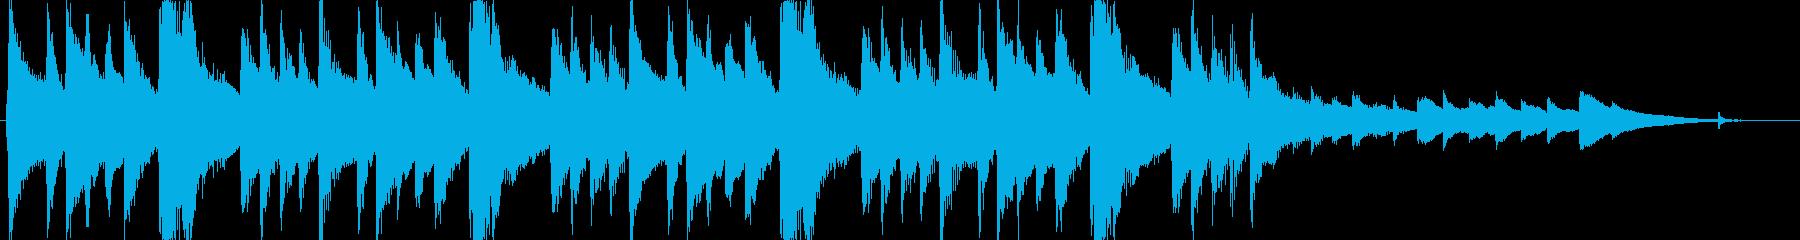 ジングル - 秋の再生済みの波形